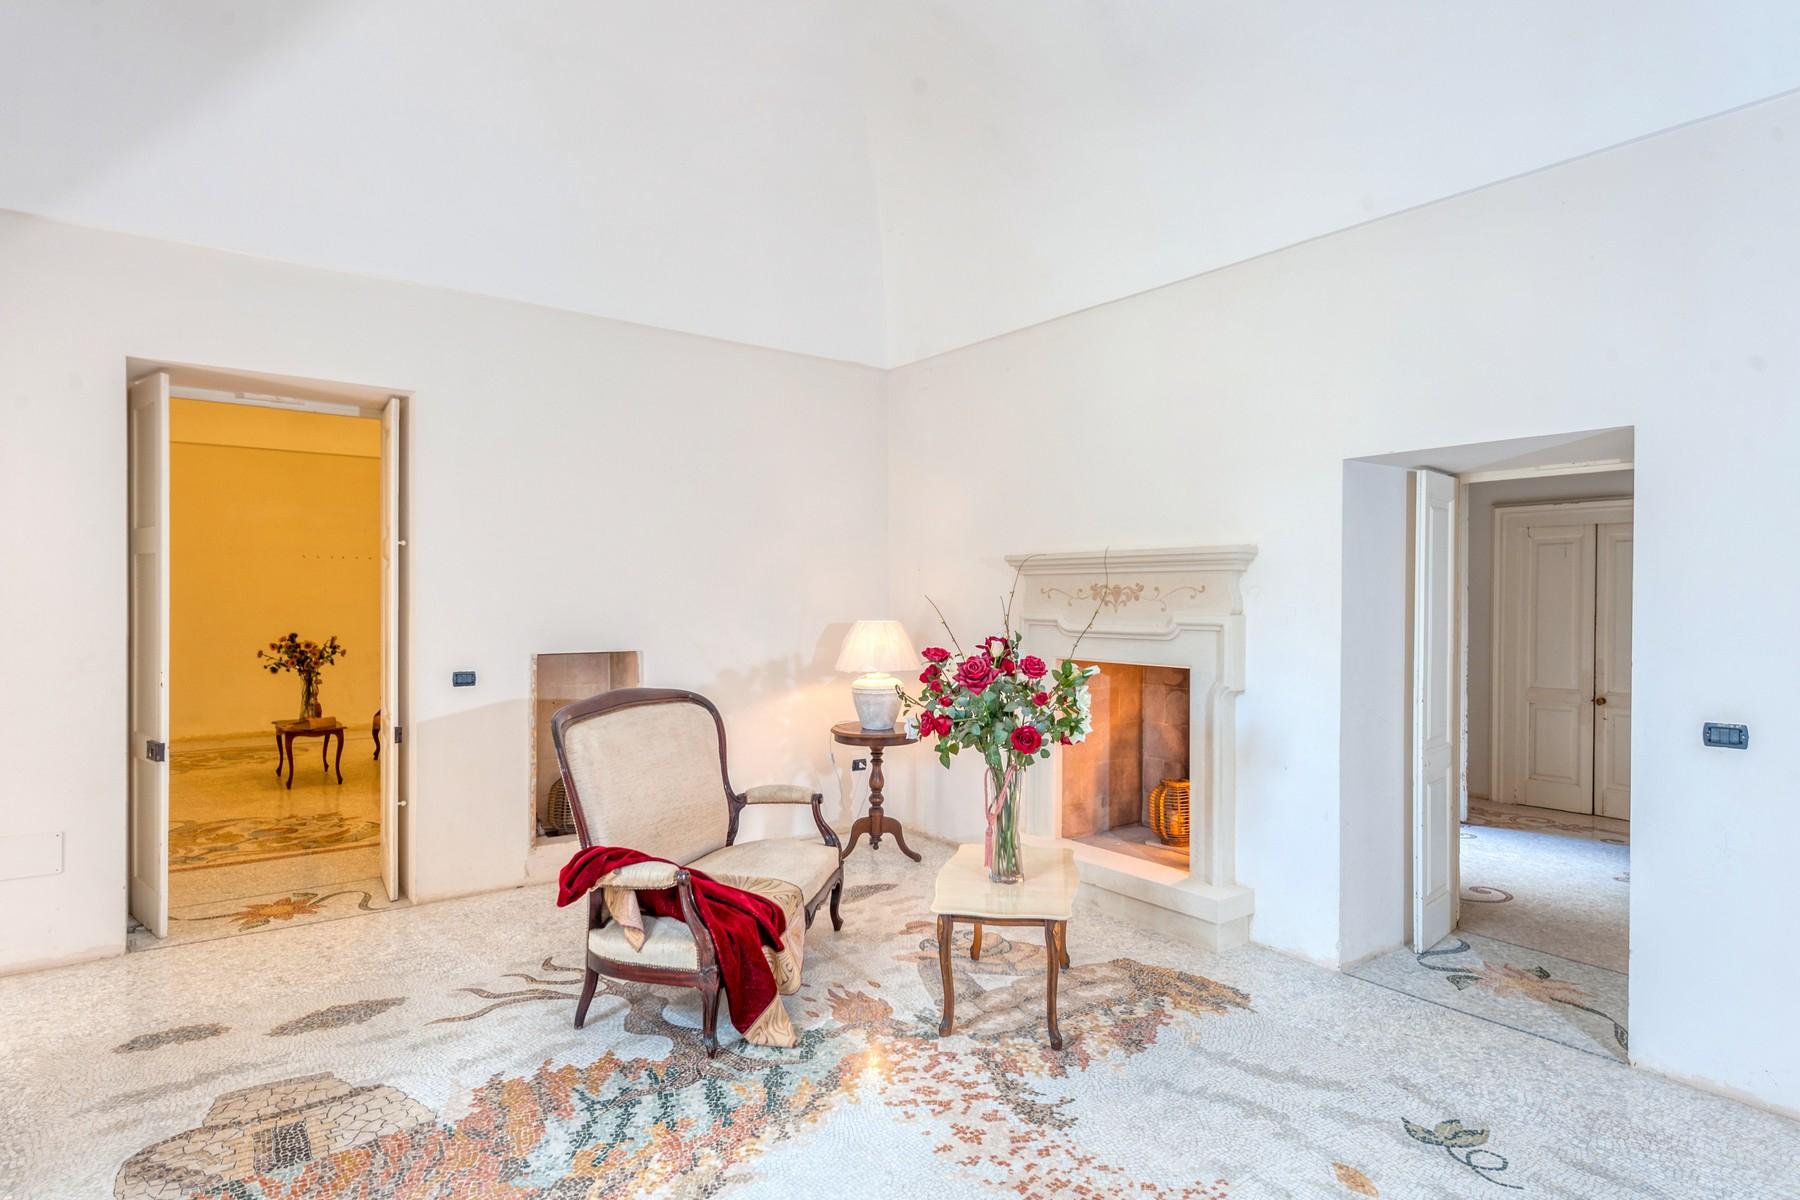 Palazzo in Vendita a Martano: 5 locali, 800 mq - Foto 5